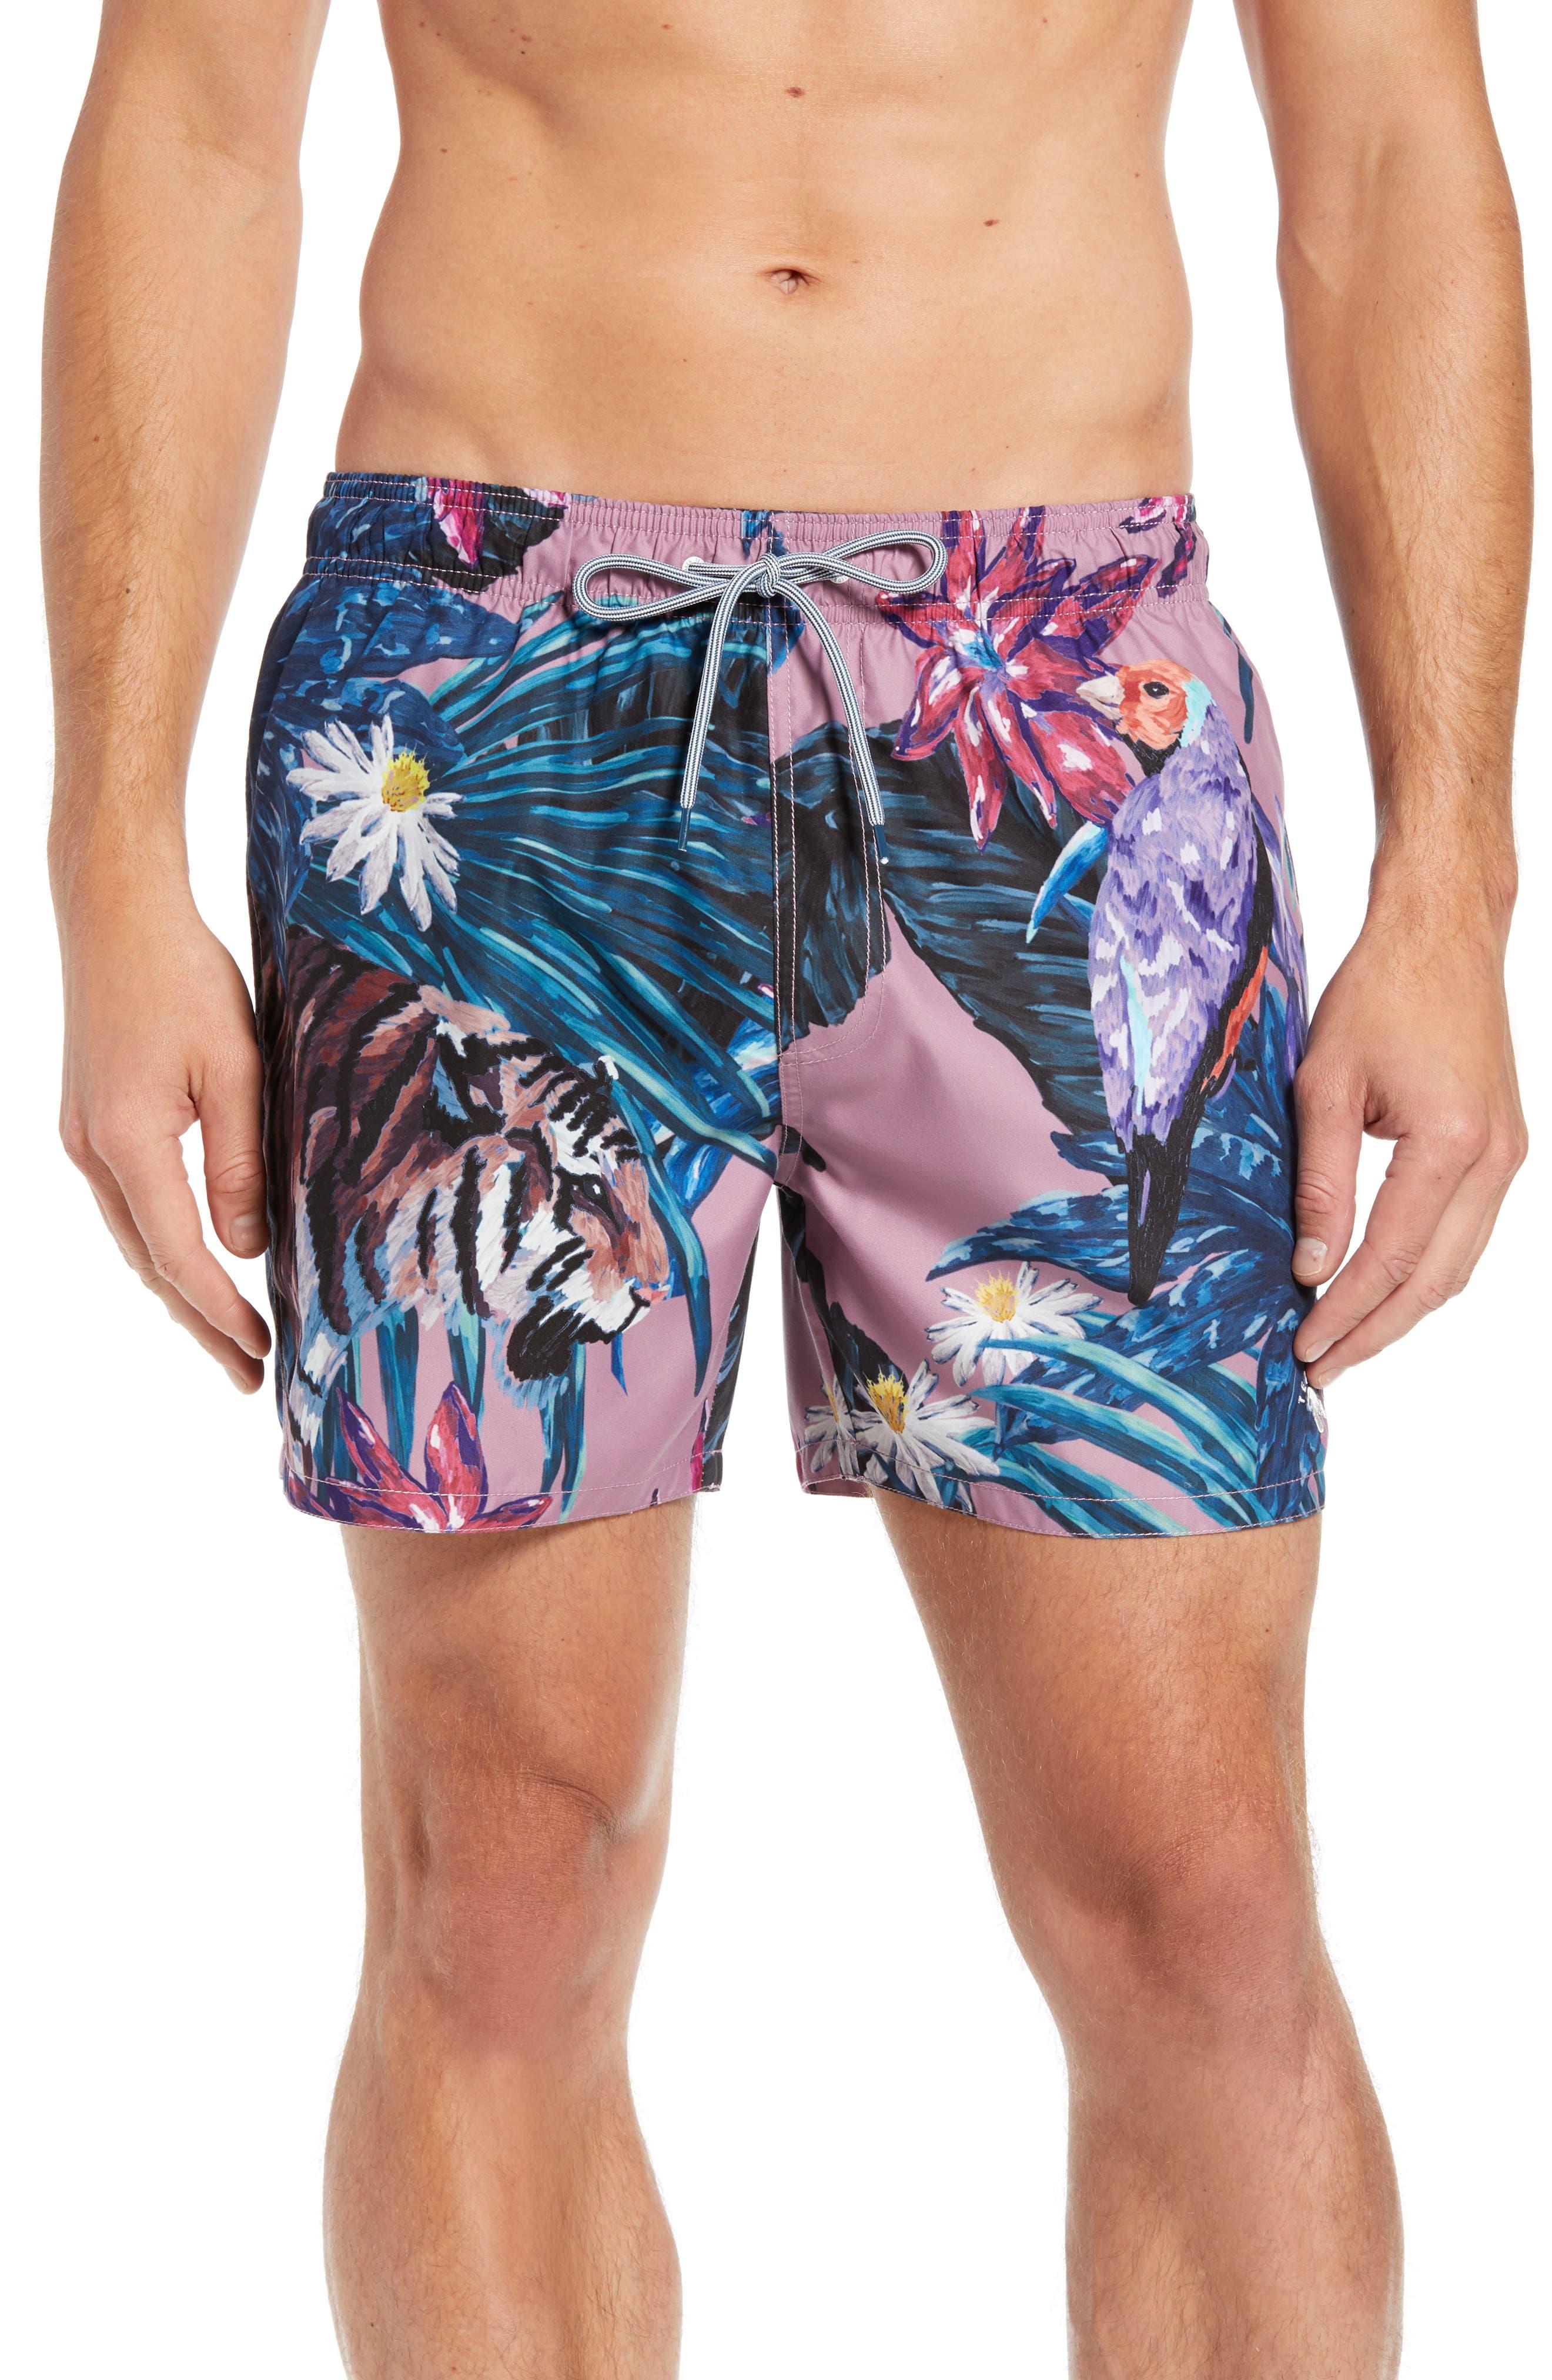 Nemo Tiger Print Swim Shorts,                             Main thumbnail 1, color,                             660